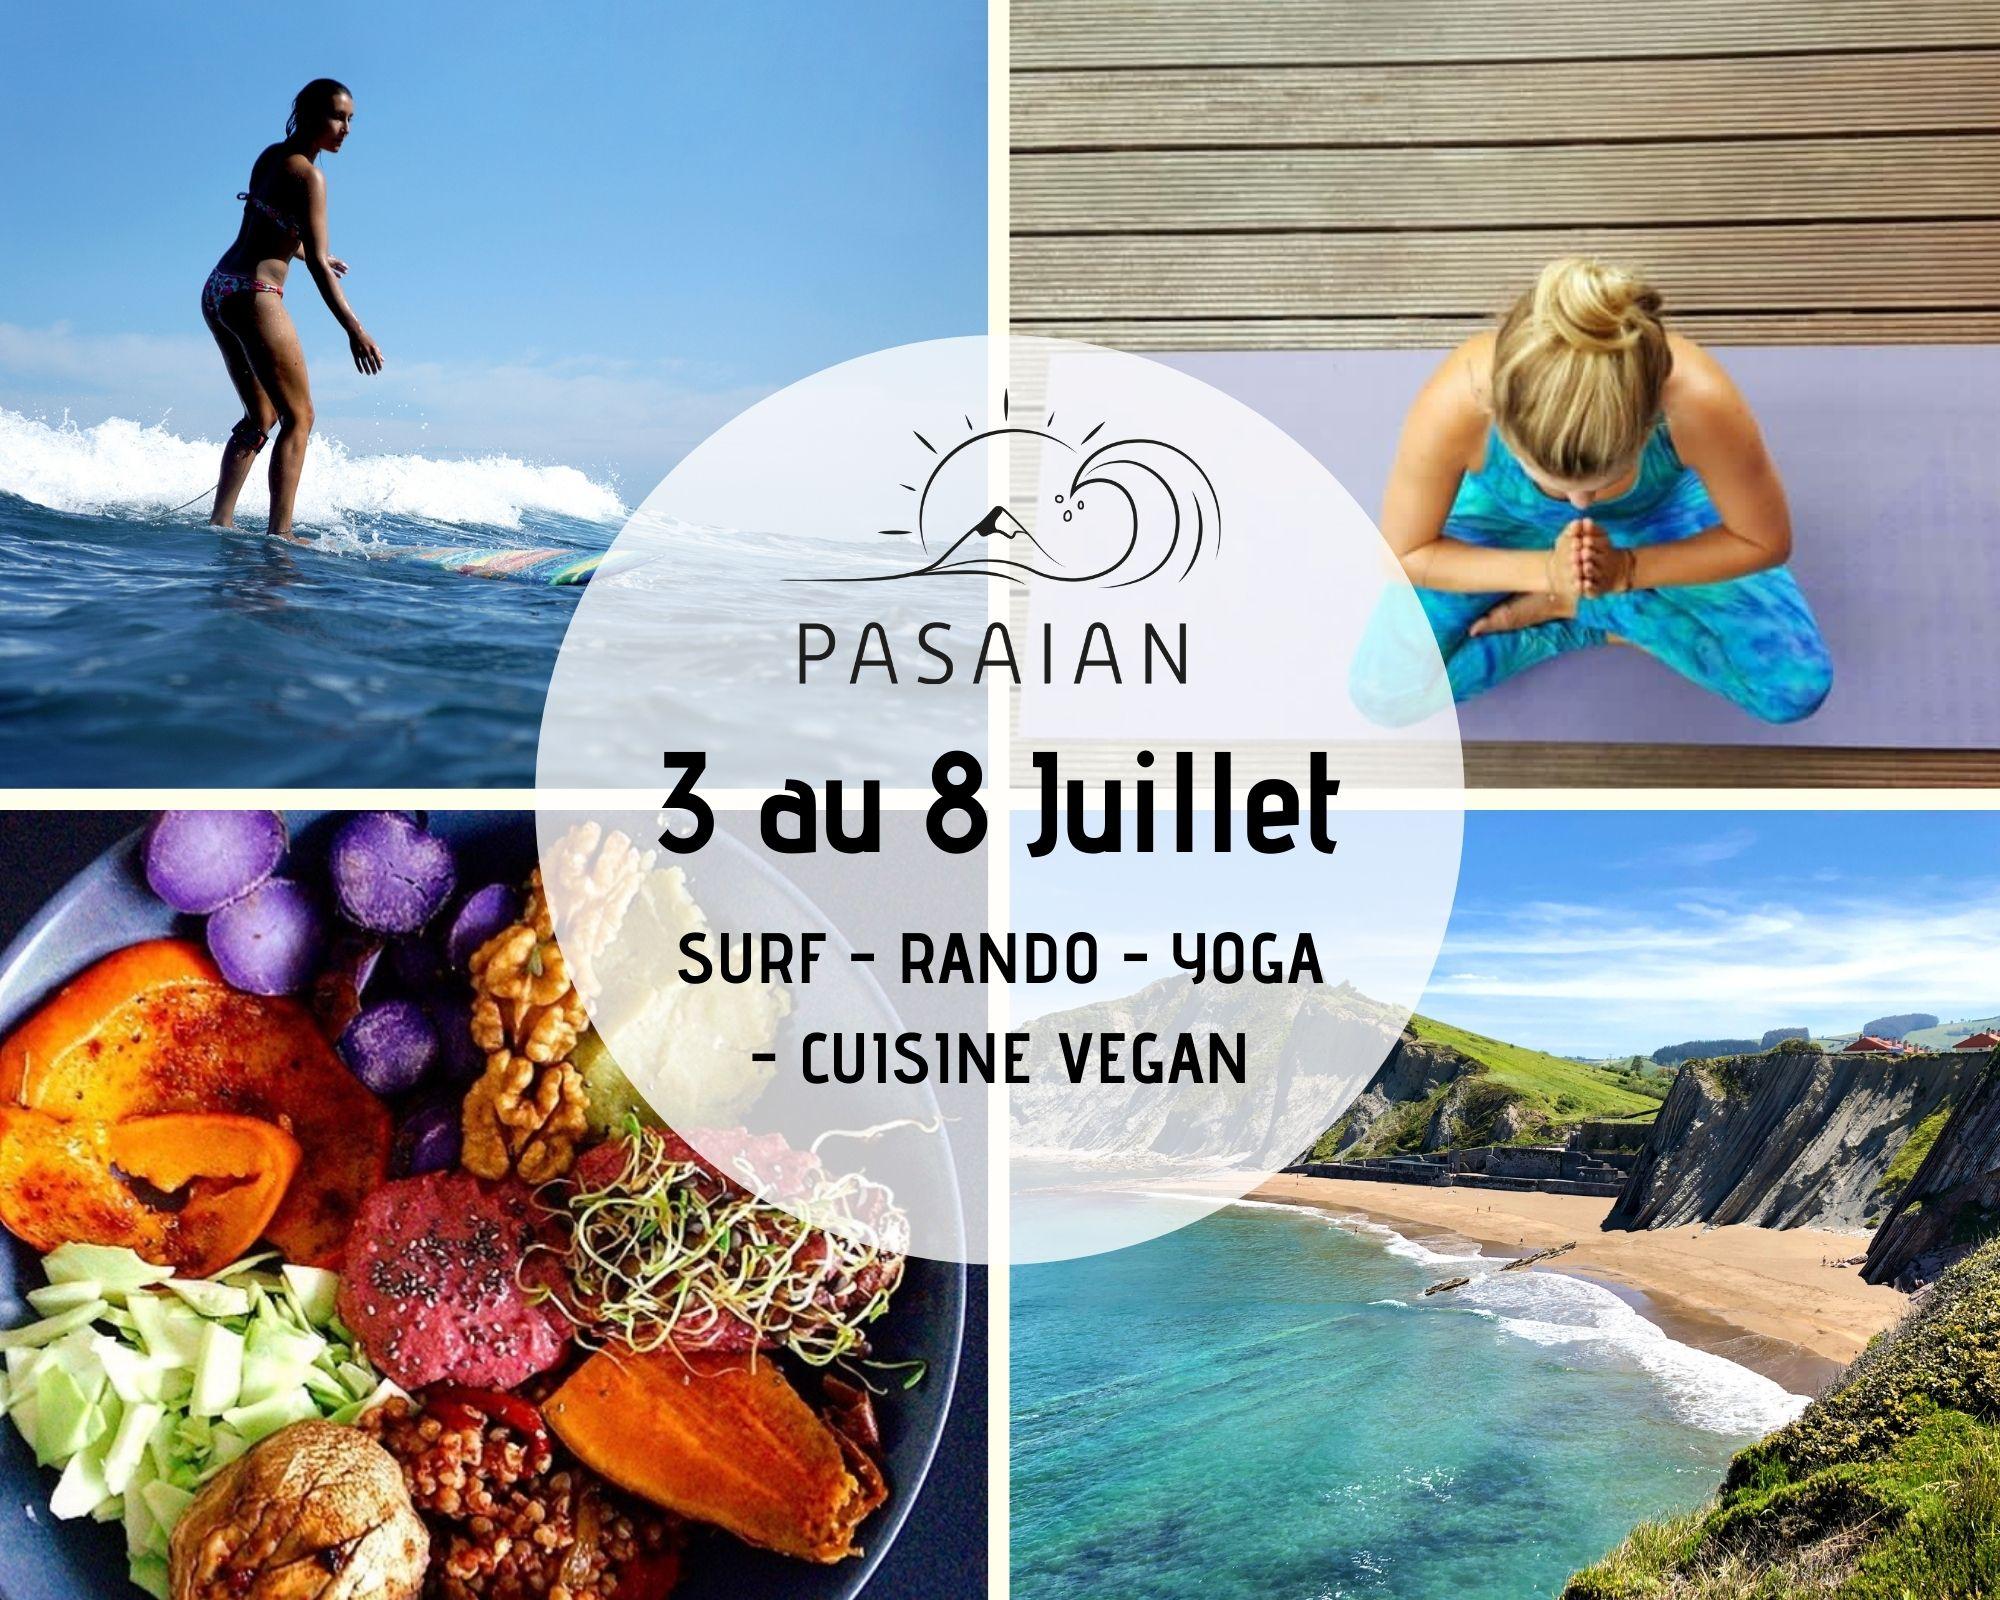 Séjour vegan, voyager au Pays Basque. Surf, randonnée, yoga, cours de cuisine vegan.